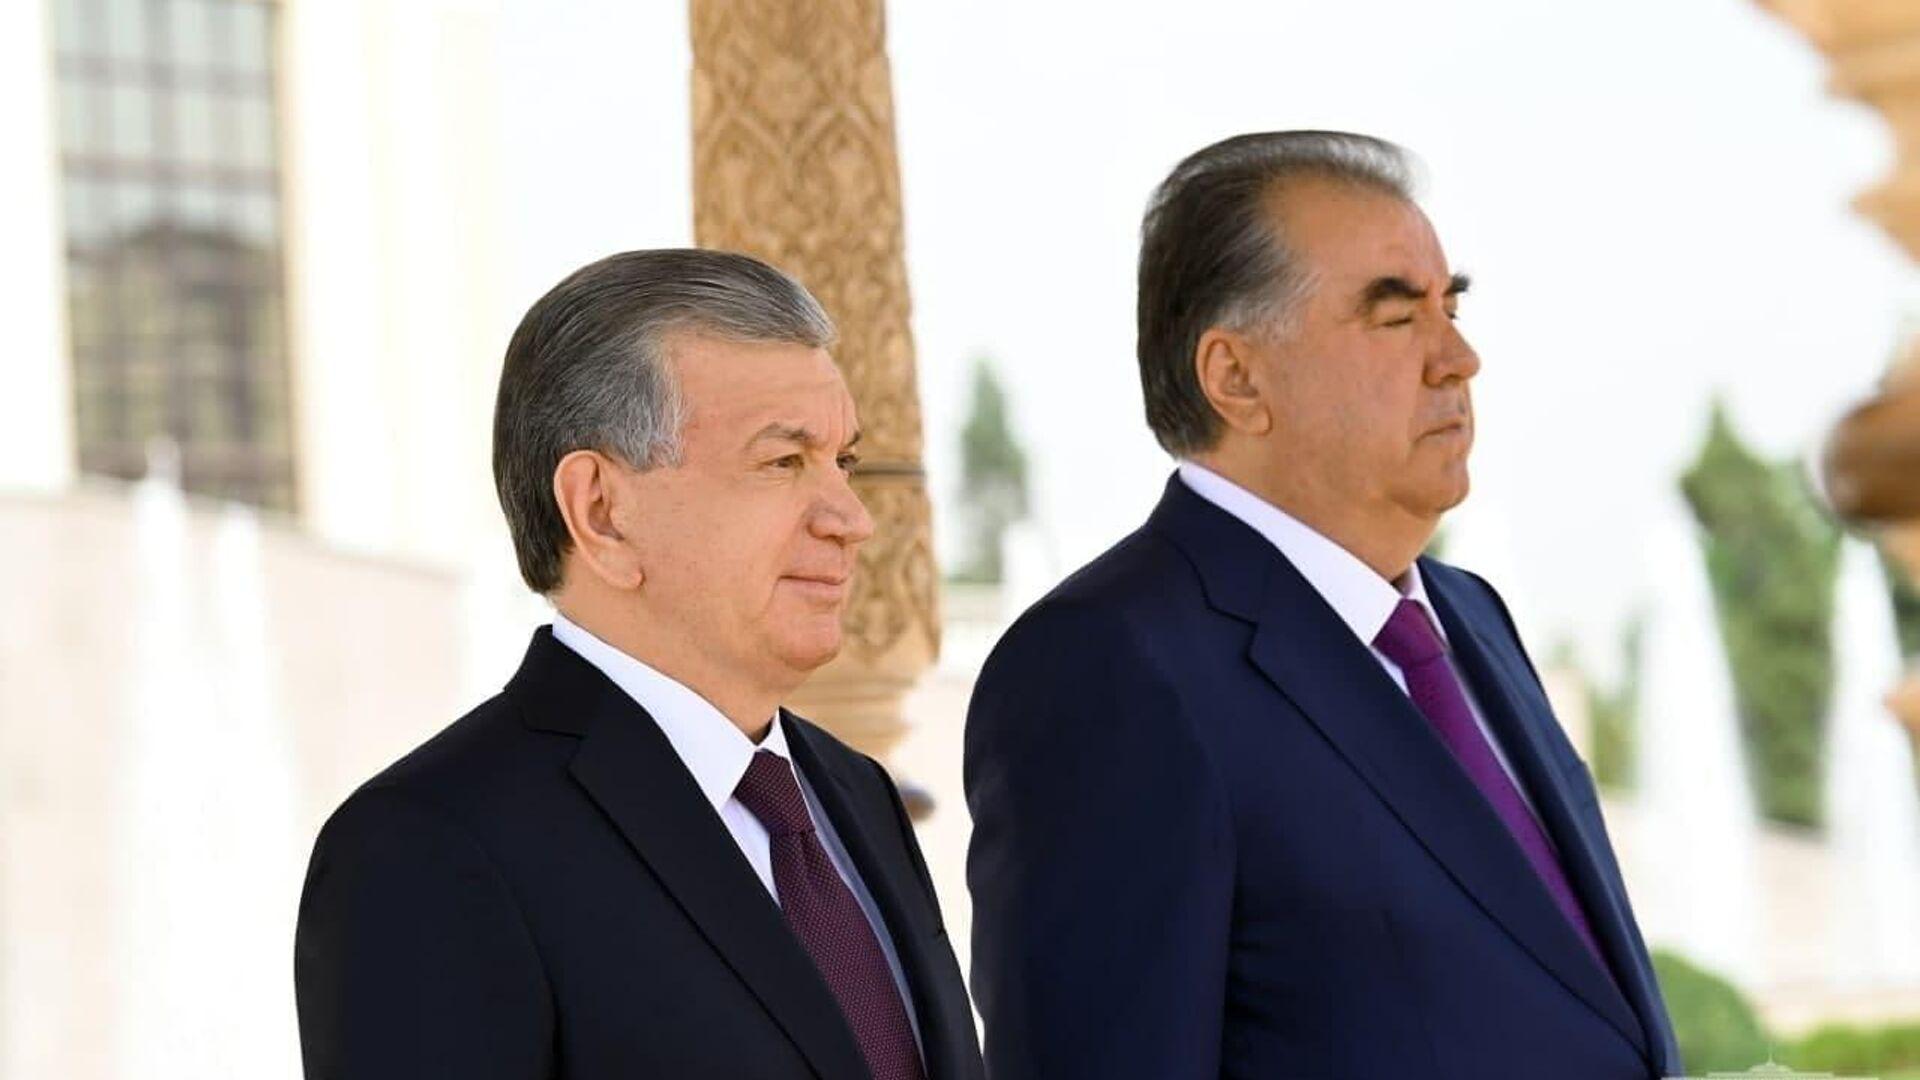 Президент Республики Узбекистан Шавкат Мирзиёев прибыл с официальным визитом в Республику Таджикистан - Sputnik Таджикистан, 1920, 24.06.2021